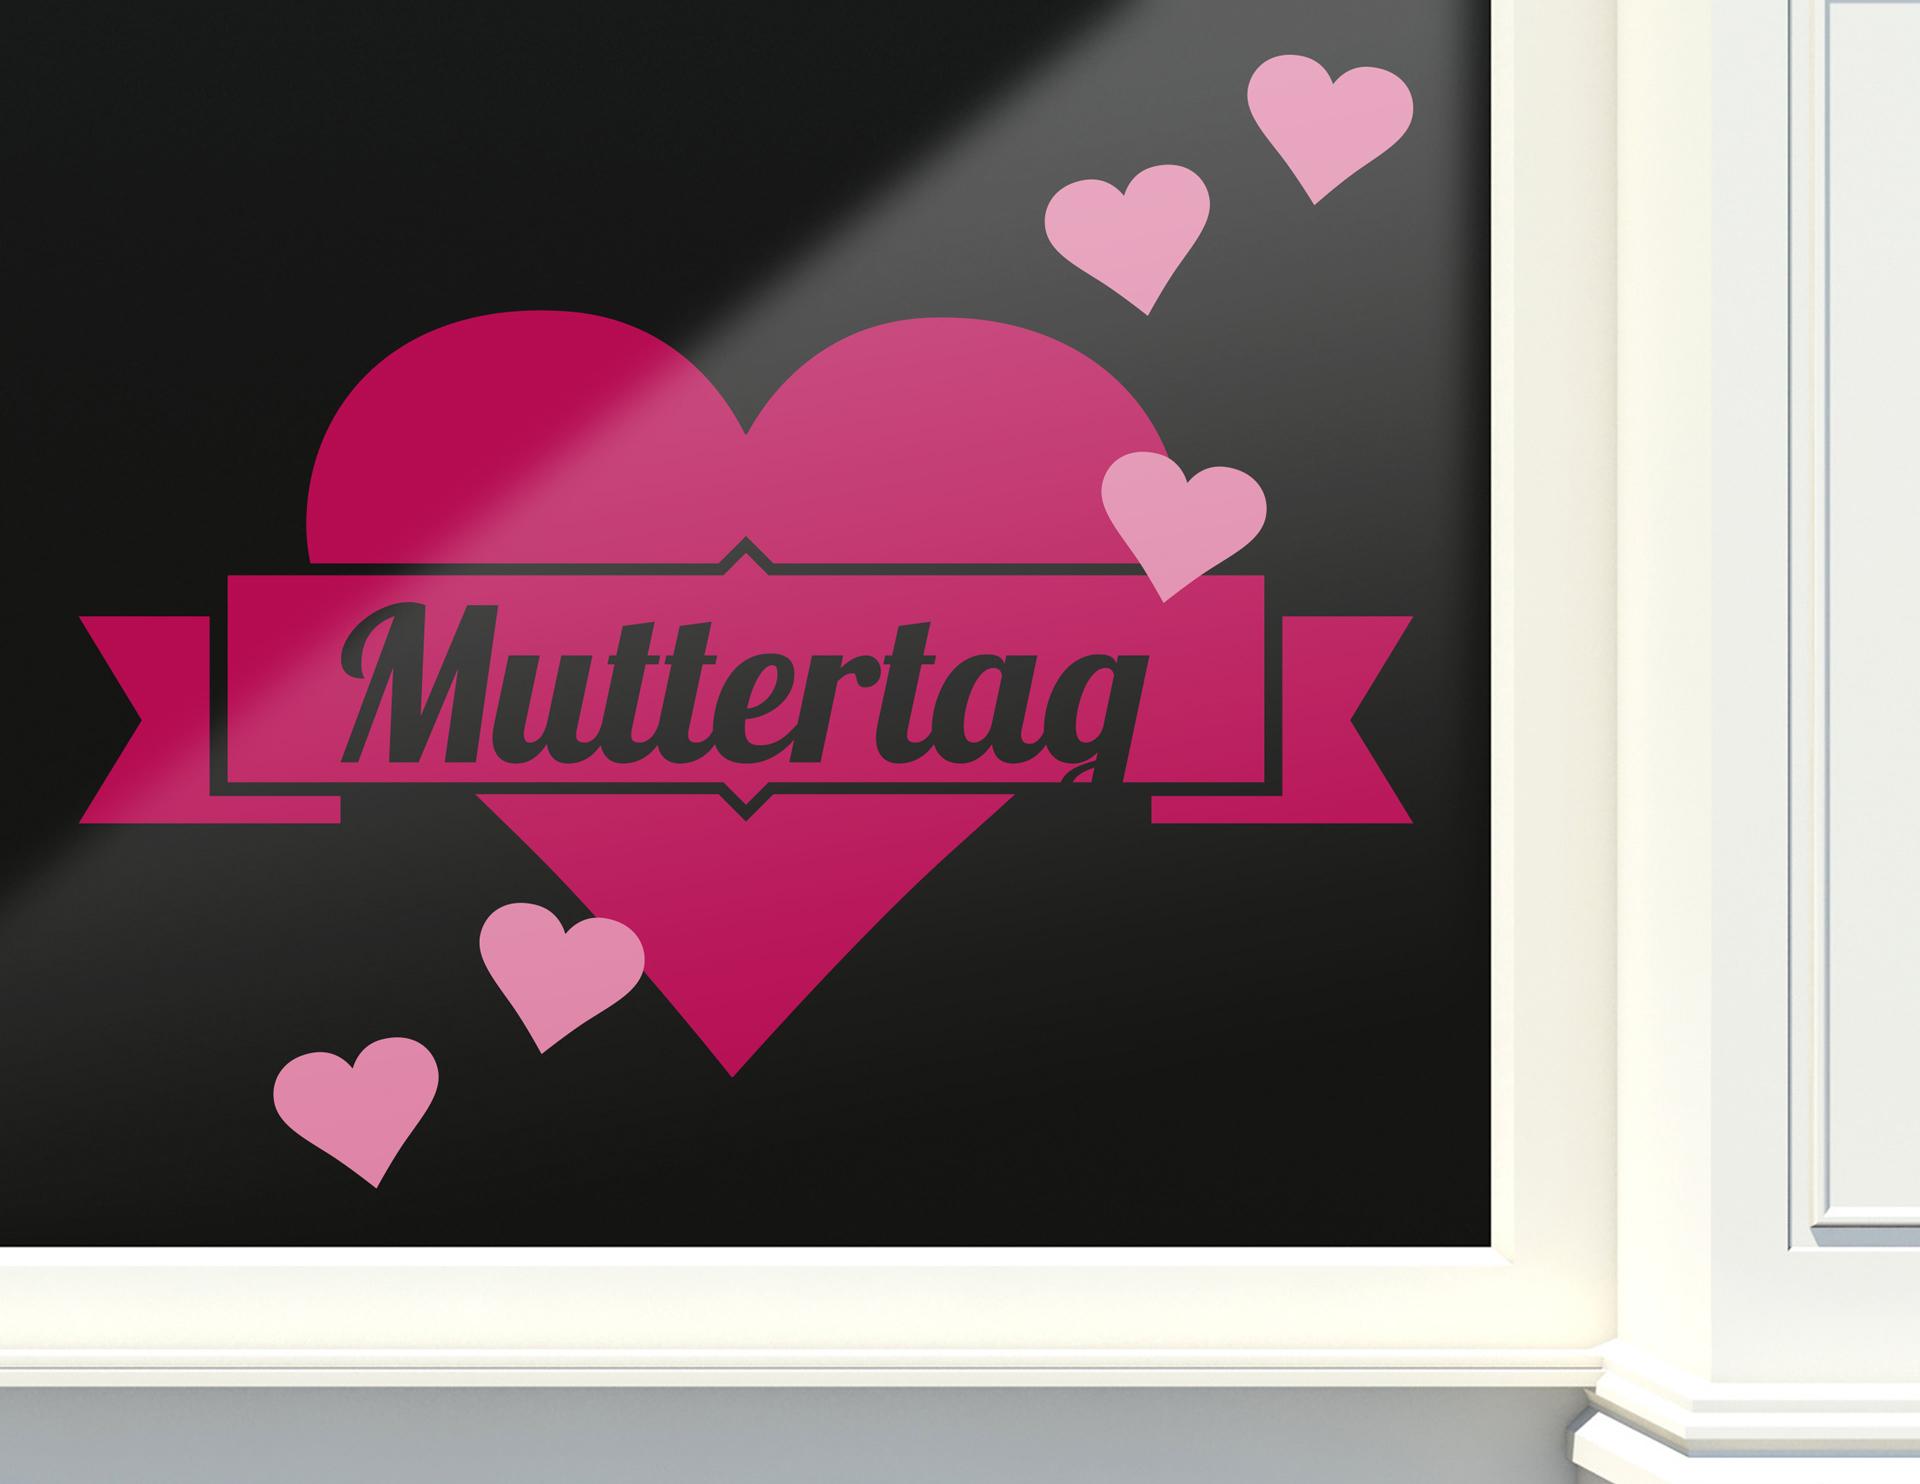 Erfreut Valentine Farbfolien Fotos - Druckbare Malvorlagen - amaichi ...